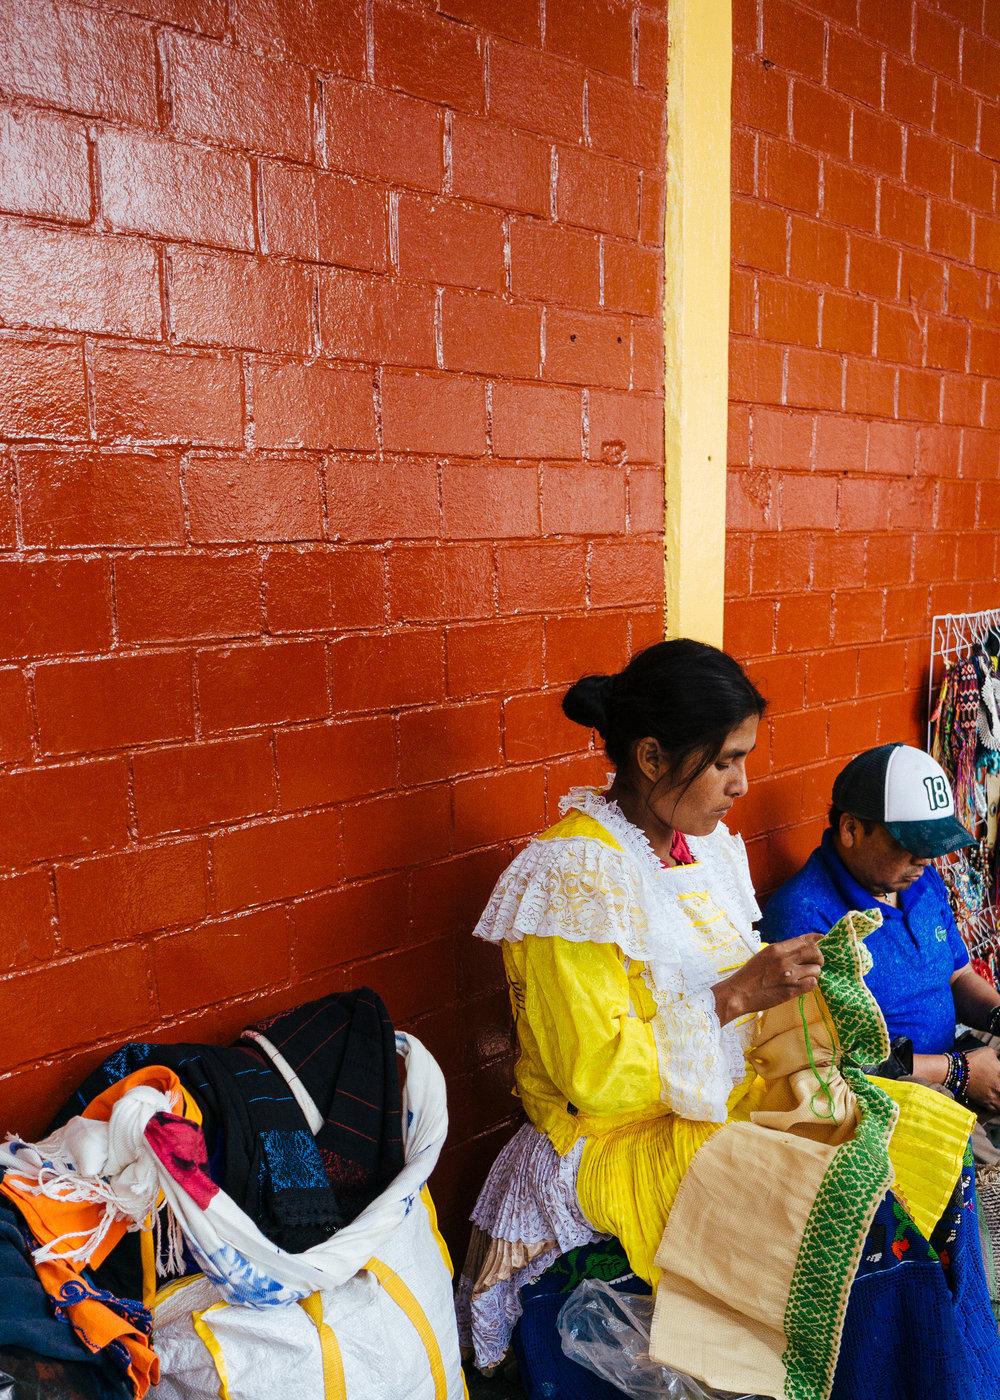 MexicoCity-Day3-Coyoacan-22.jpg